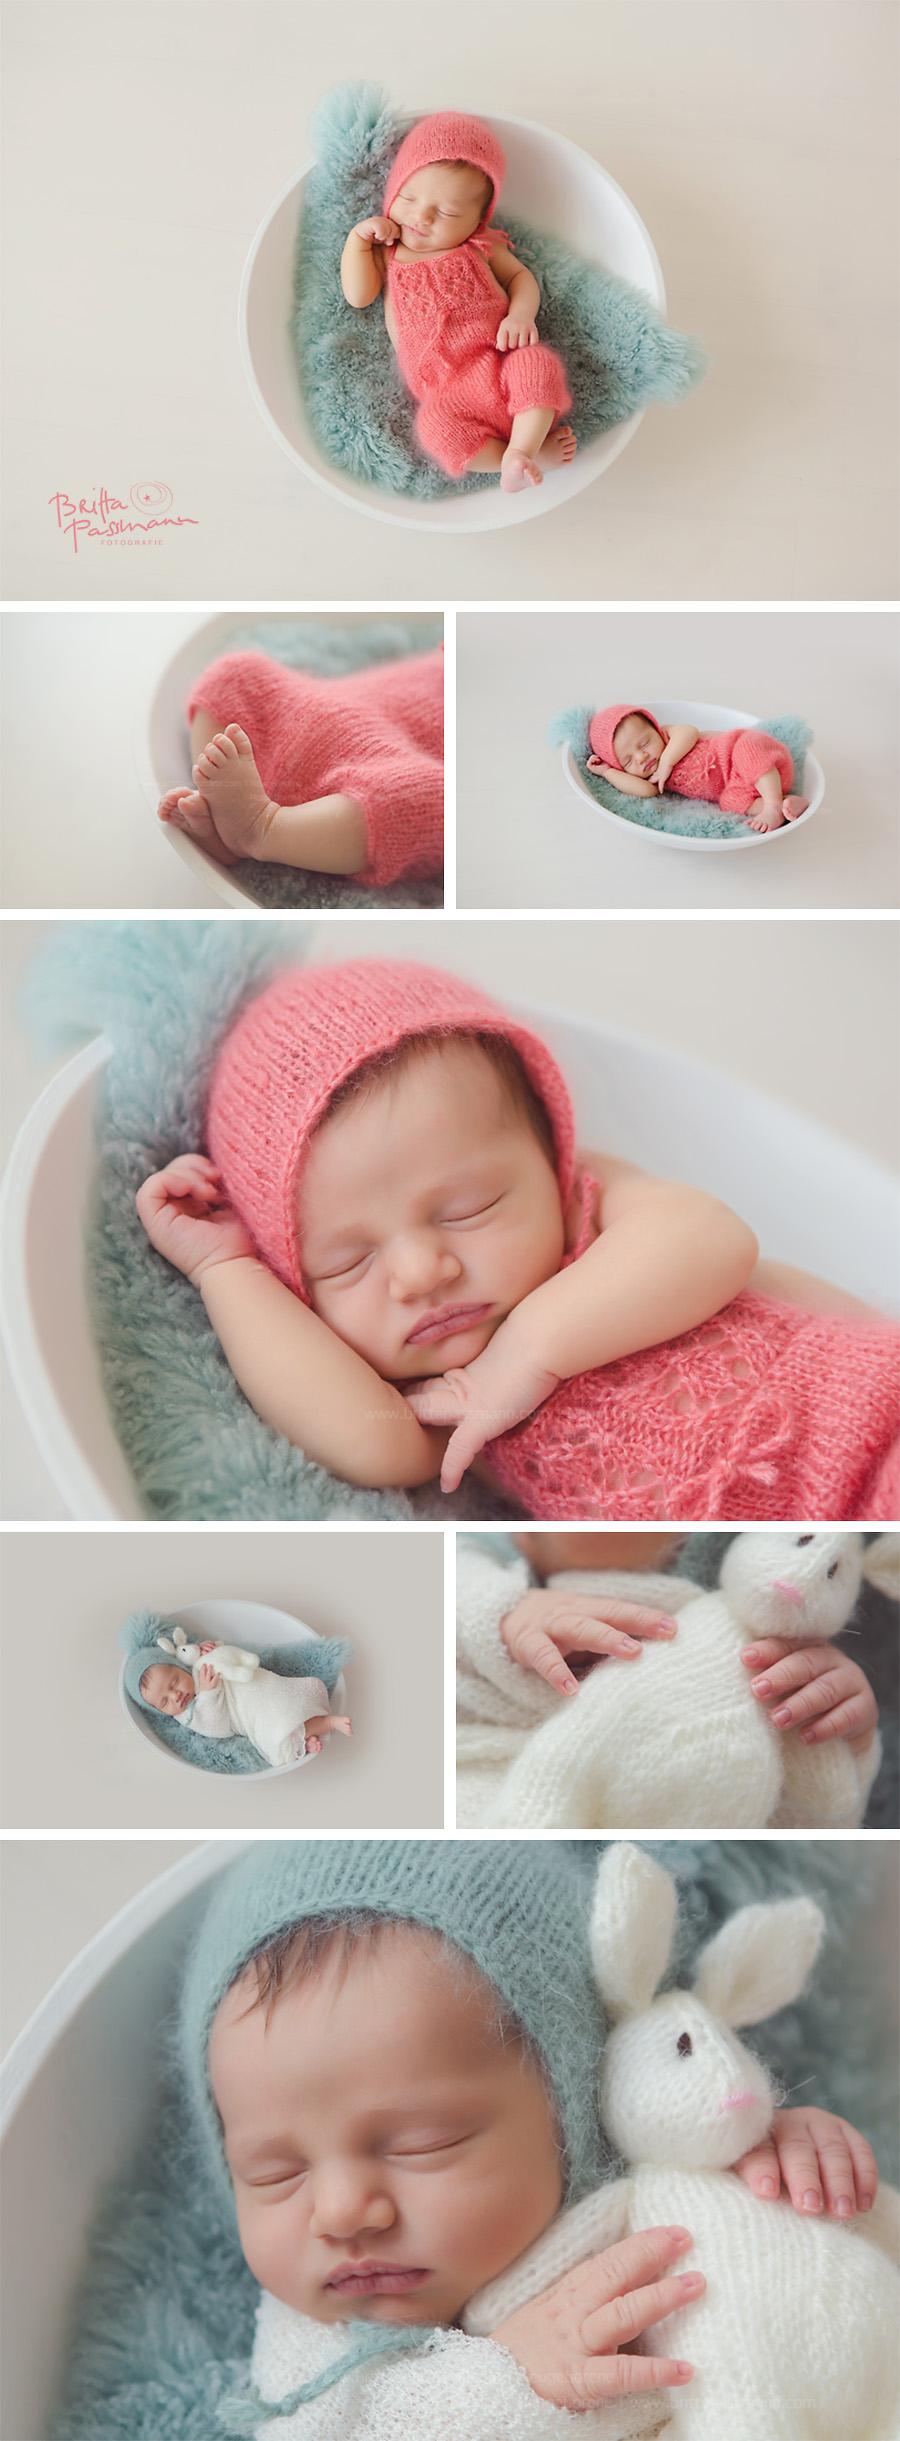 Neugeborenenfotografie in Dortmund babyfotos